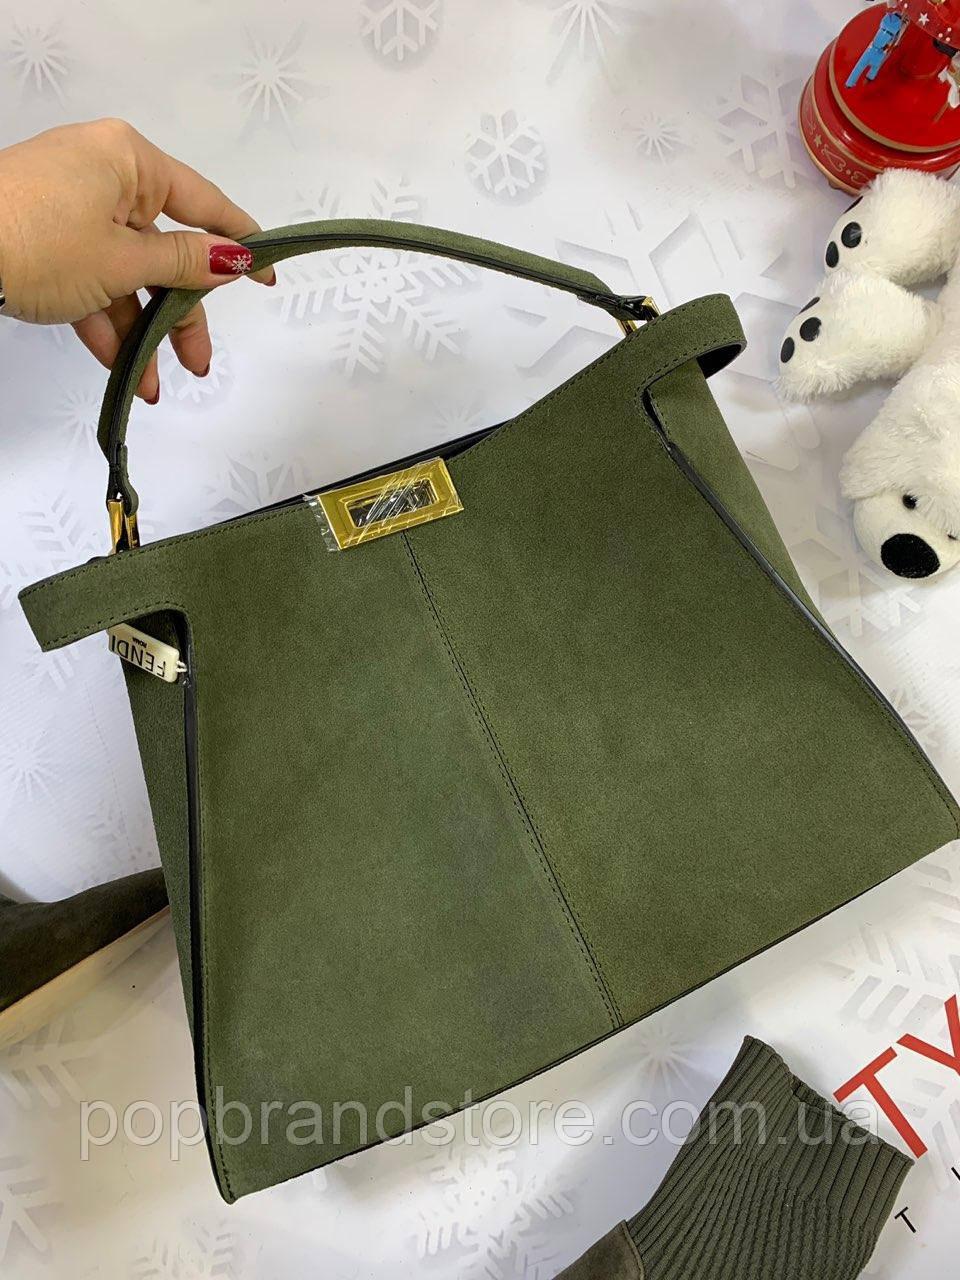 700d7eef6693 Стильная женская сумка FENDI 32 см замша (реплика) - Pop Brand Store |  брендовые